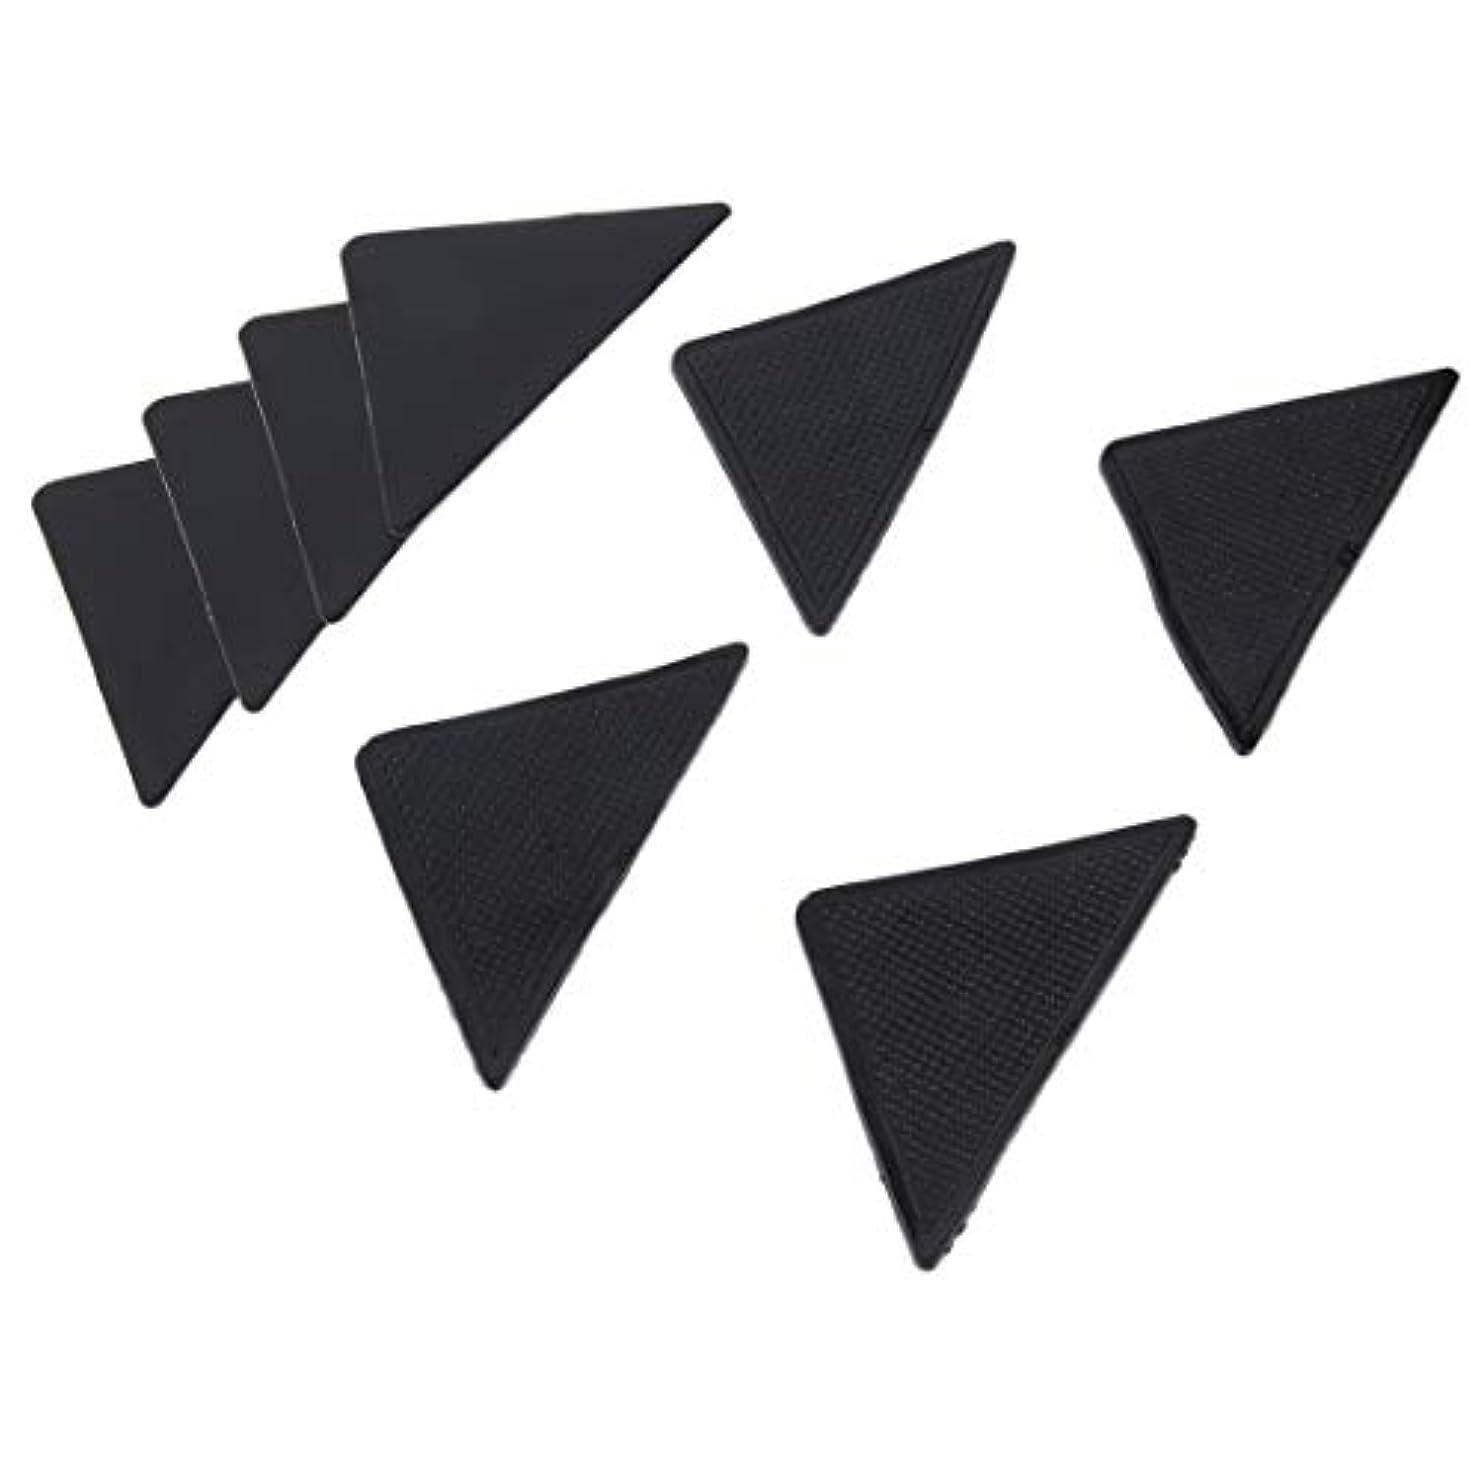 施しサーマル知るSwiftgood 4個の敷物のカーペットのマットのグリッパーの非スリップの反スキッドの再使用可能なシリコーンのグリップパッド